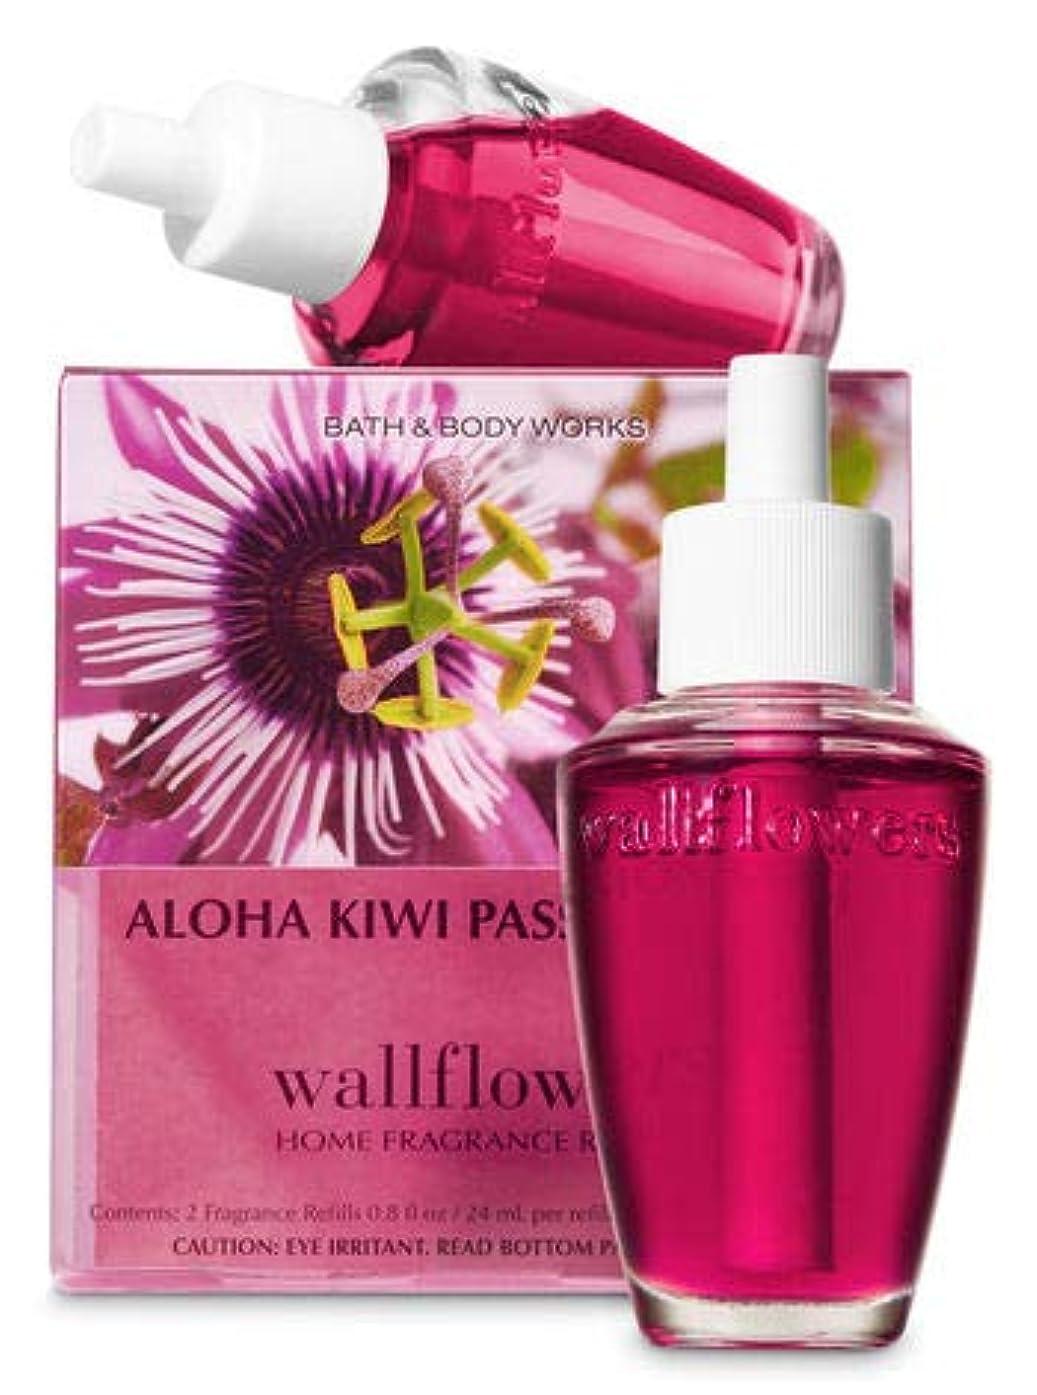 素晴らしき想起ロードハウス【Bath&Body Works/バス&ボディワークス】 ルームフレグランス 詰替えリフィル(2個入り) アロハキウイパッションフルーツ Wallflowers Home Fragrance 2-Pack Refills Aloha Kiwi Passionfruit [並行輸入品]